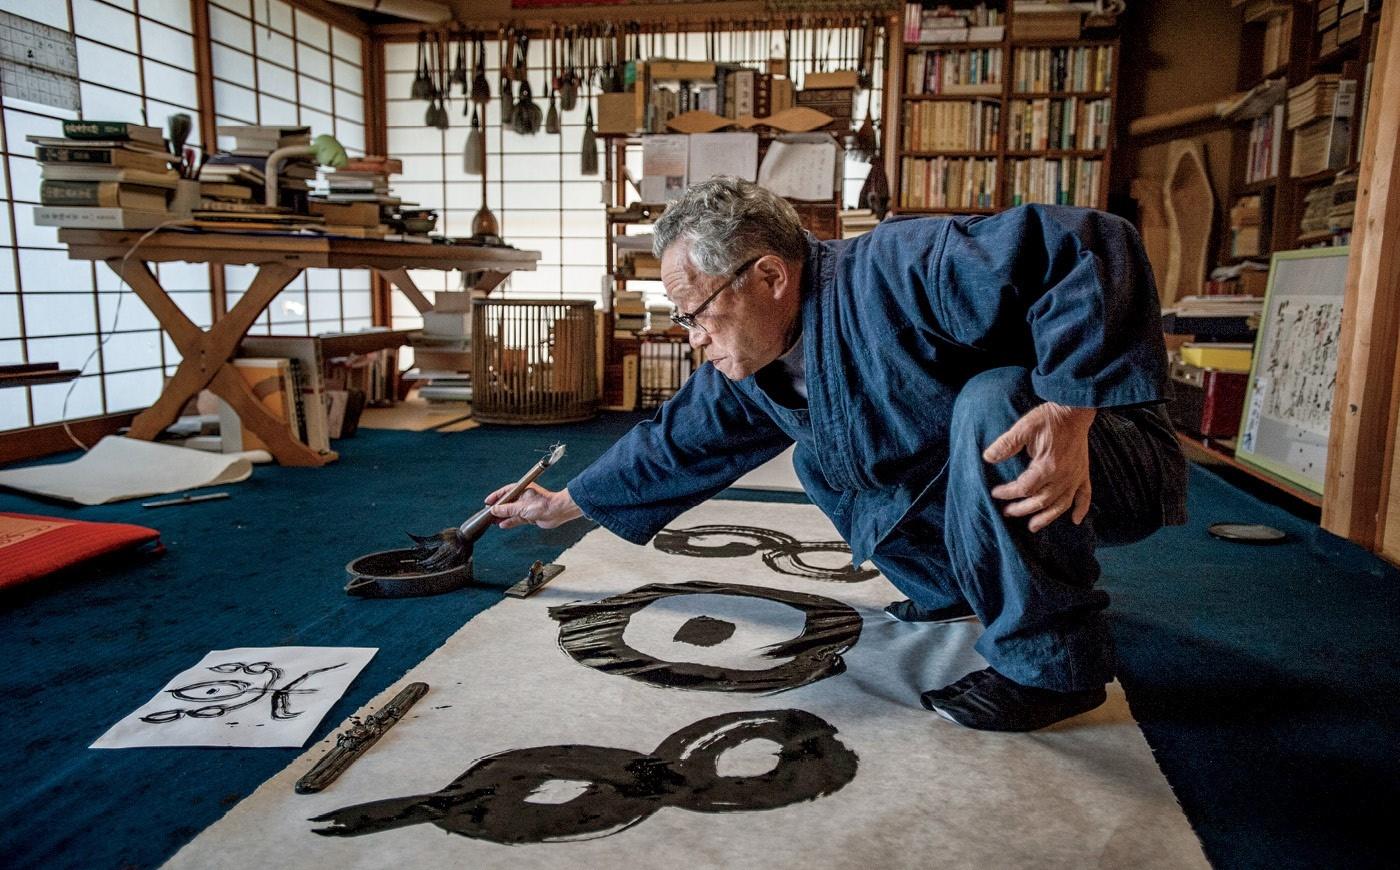 واشي: شغف  اليابان العريق بالورق